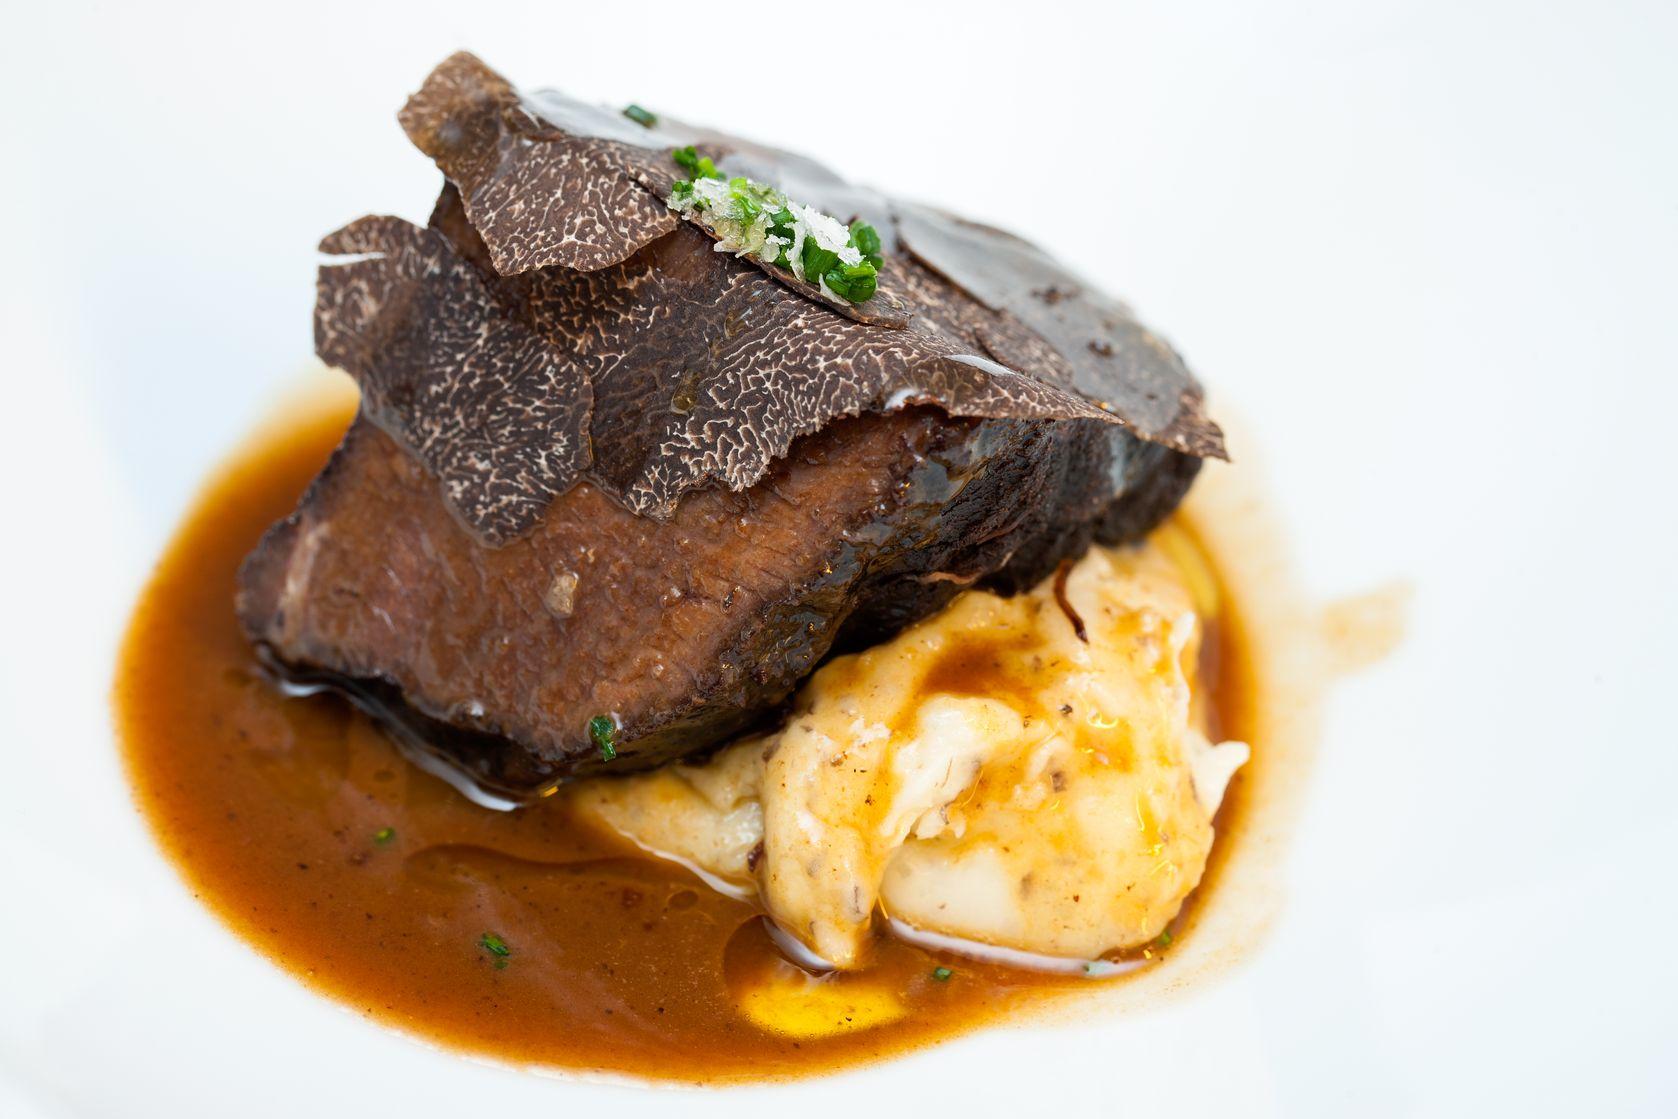 Salsa de trufa negra, ¿con qué platos merece la pena?